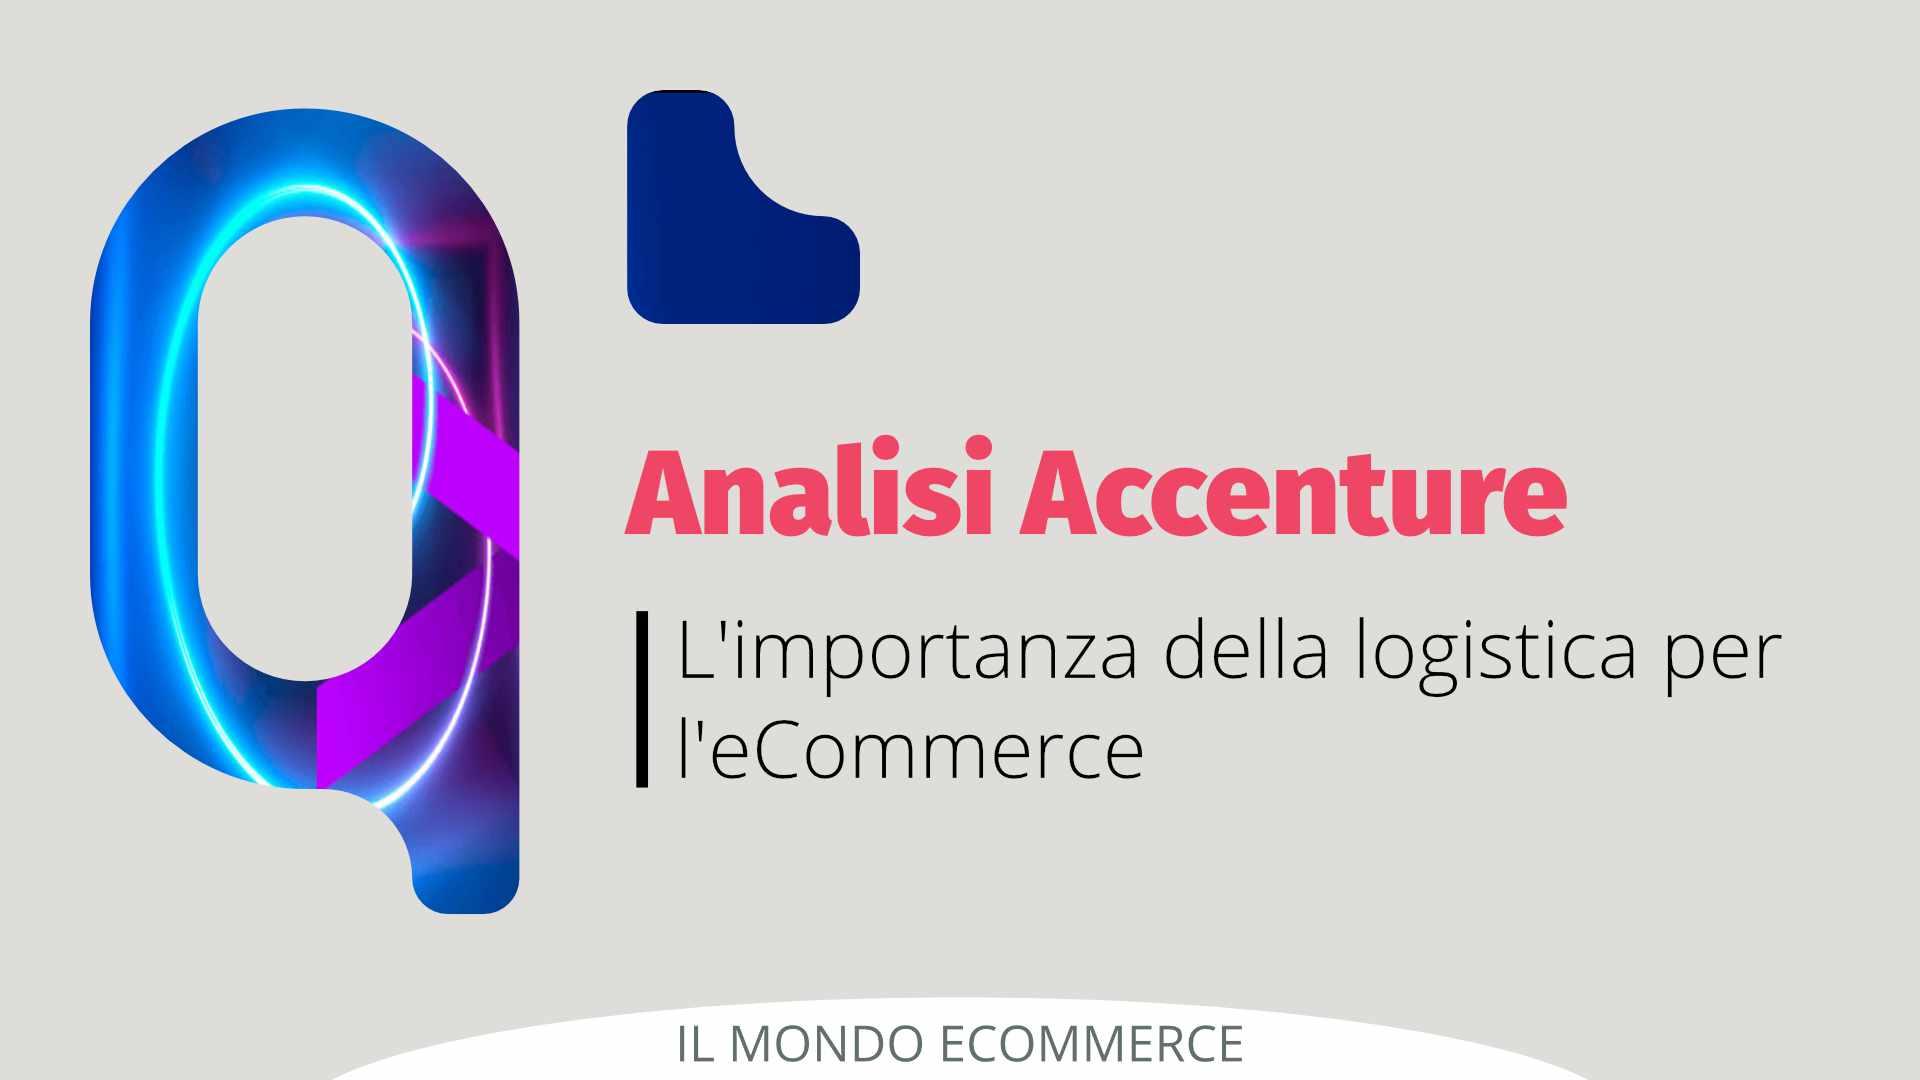 Analisi Accenture: la logistica è un fattore determinante per l'eCommerce